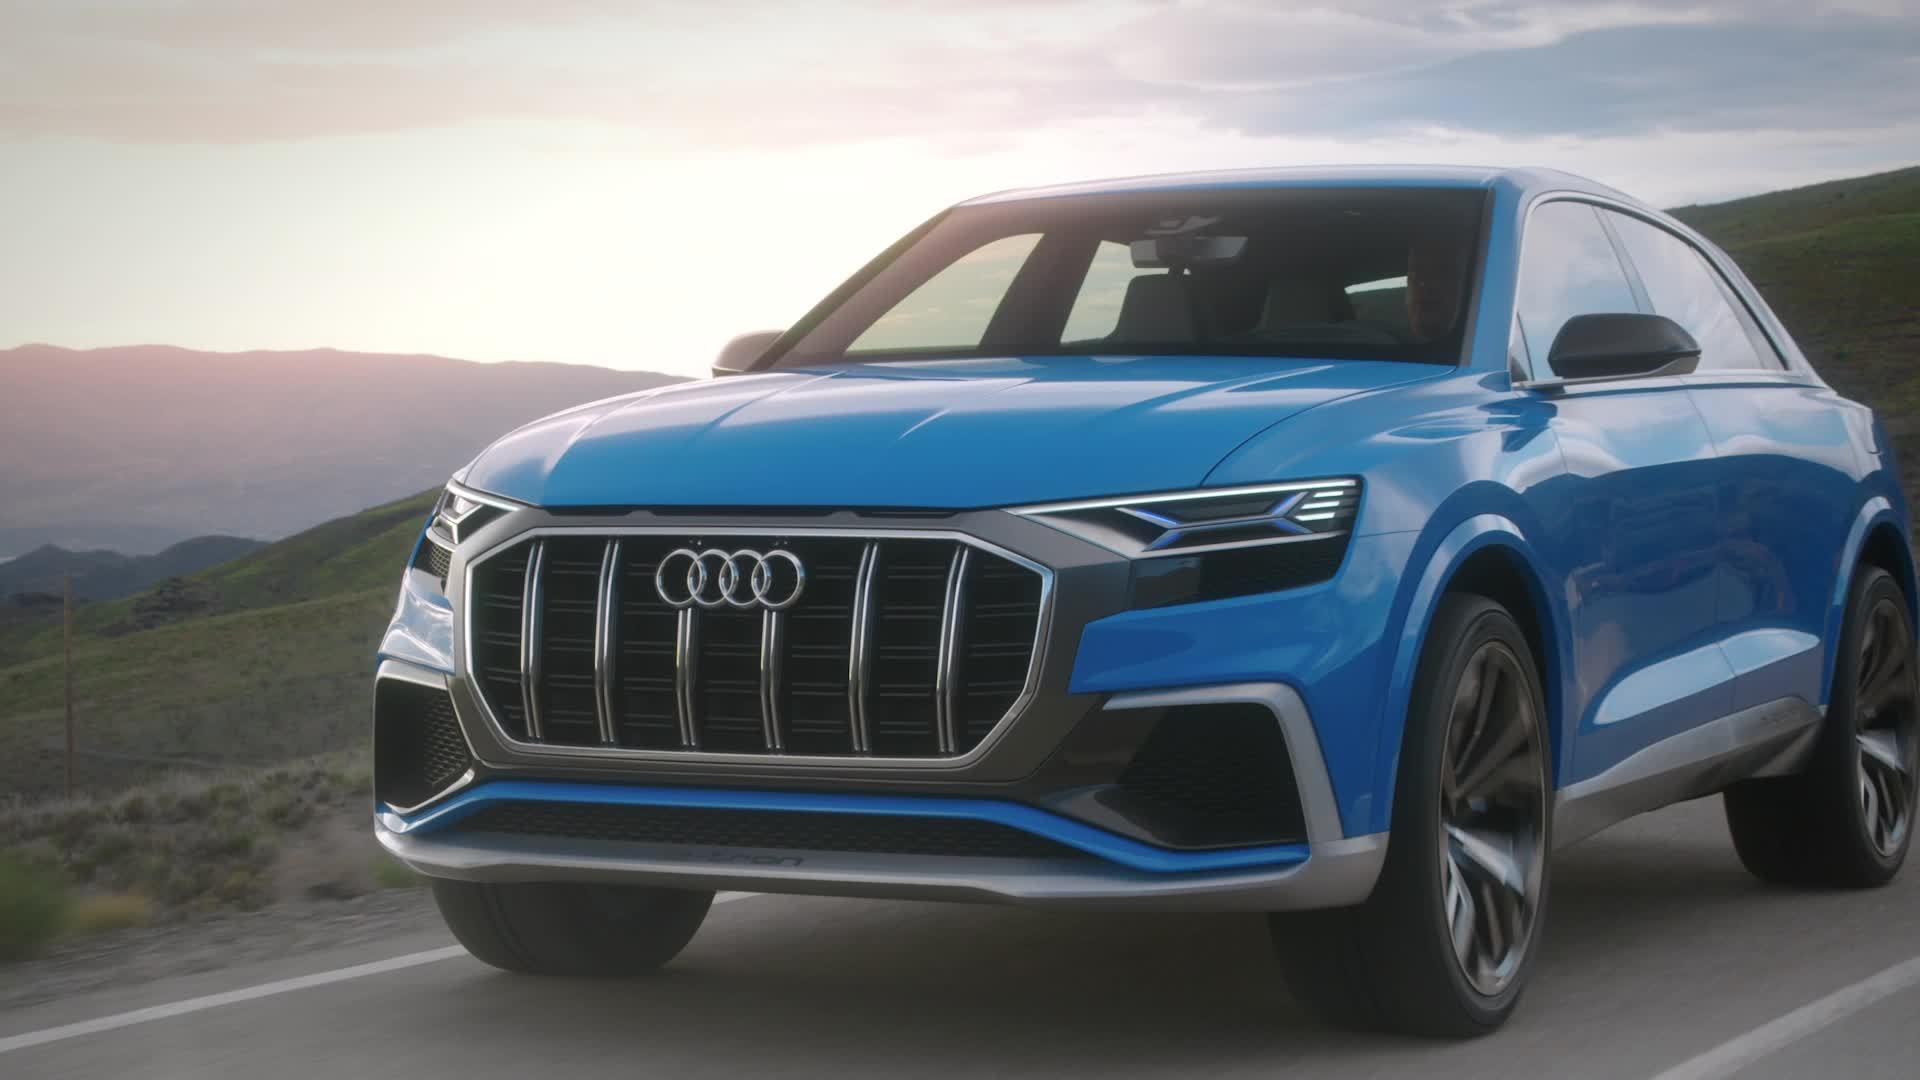 The Audi A8 concept